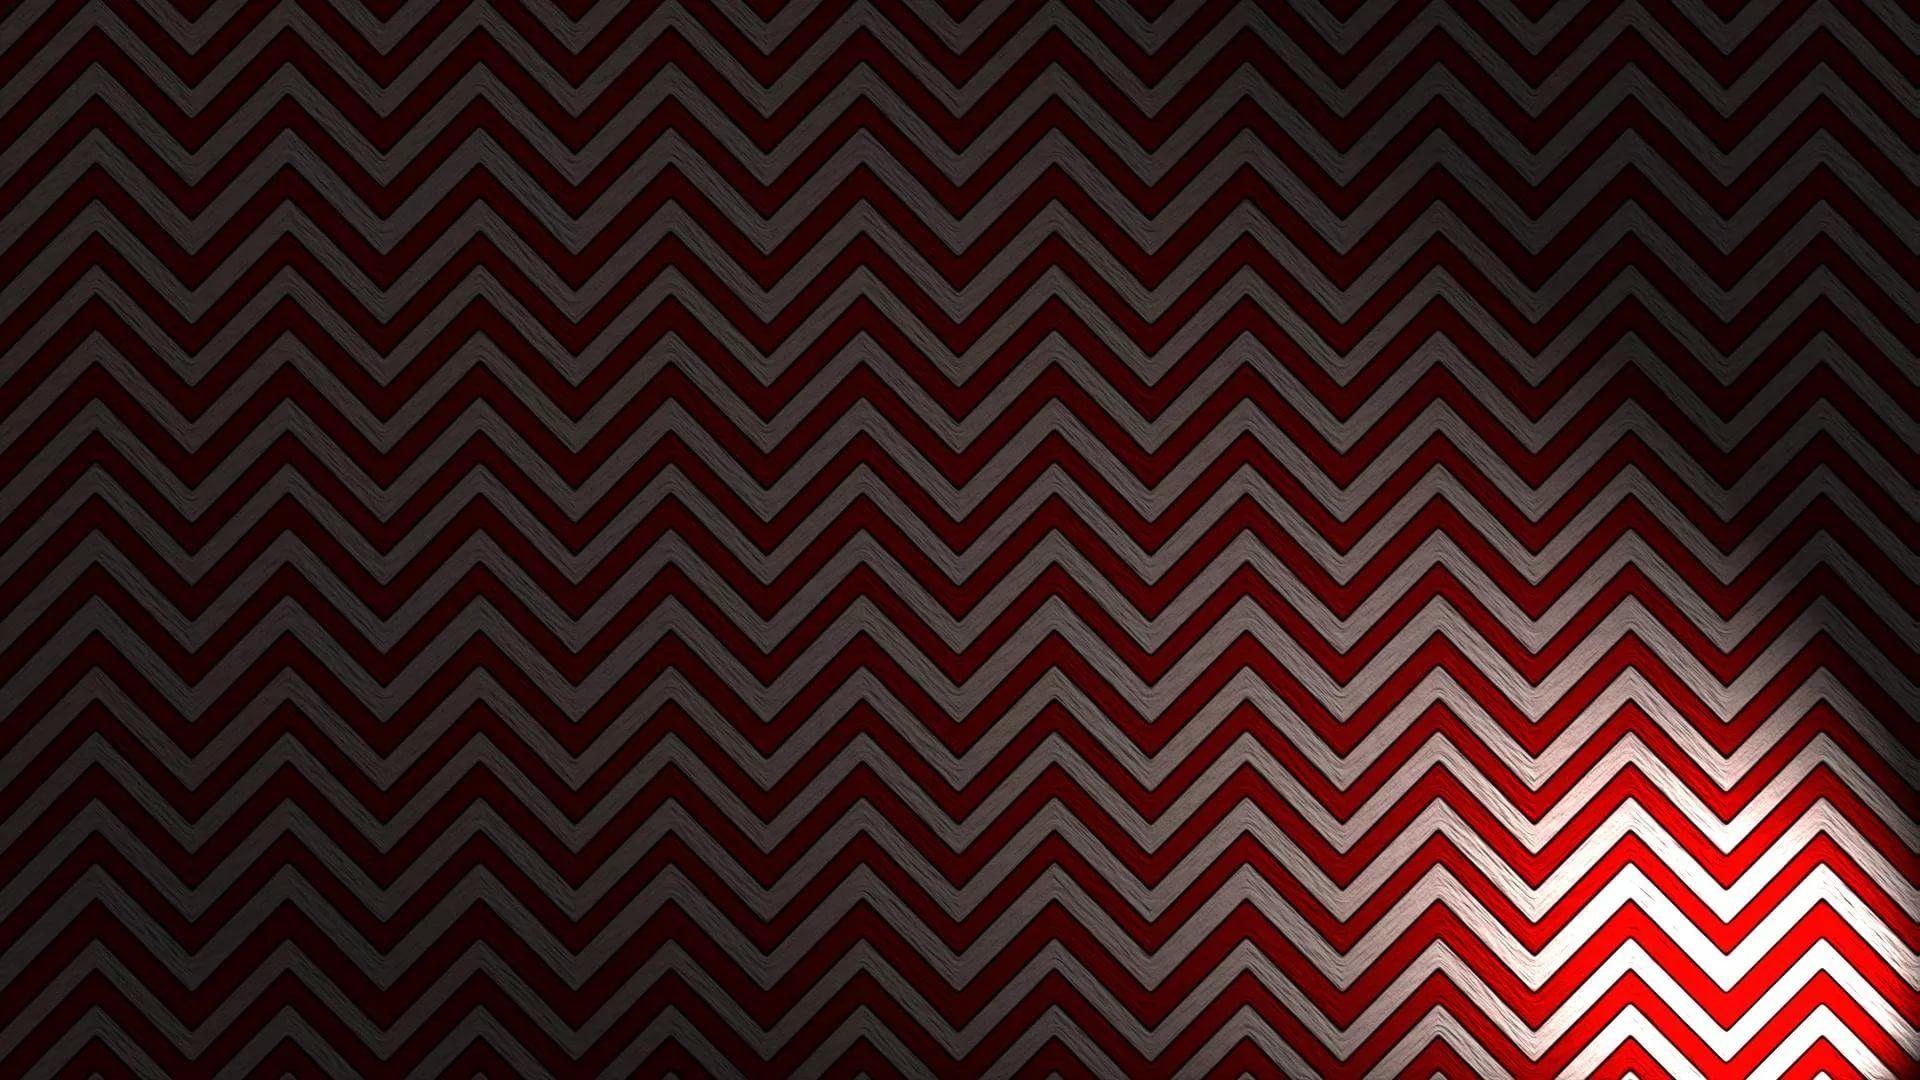 Twin Peaks full screen hd wallpaper